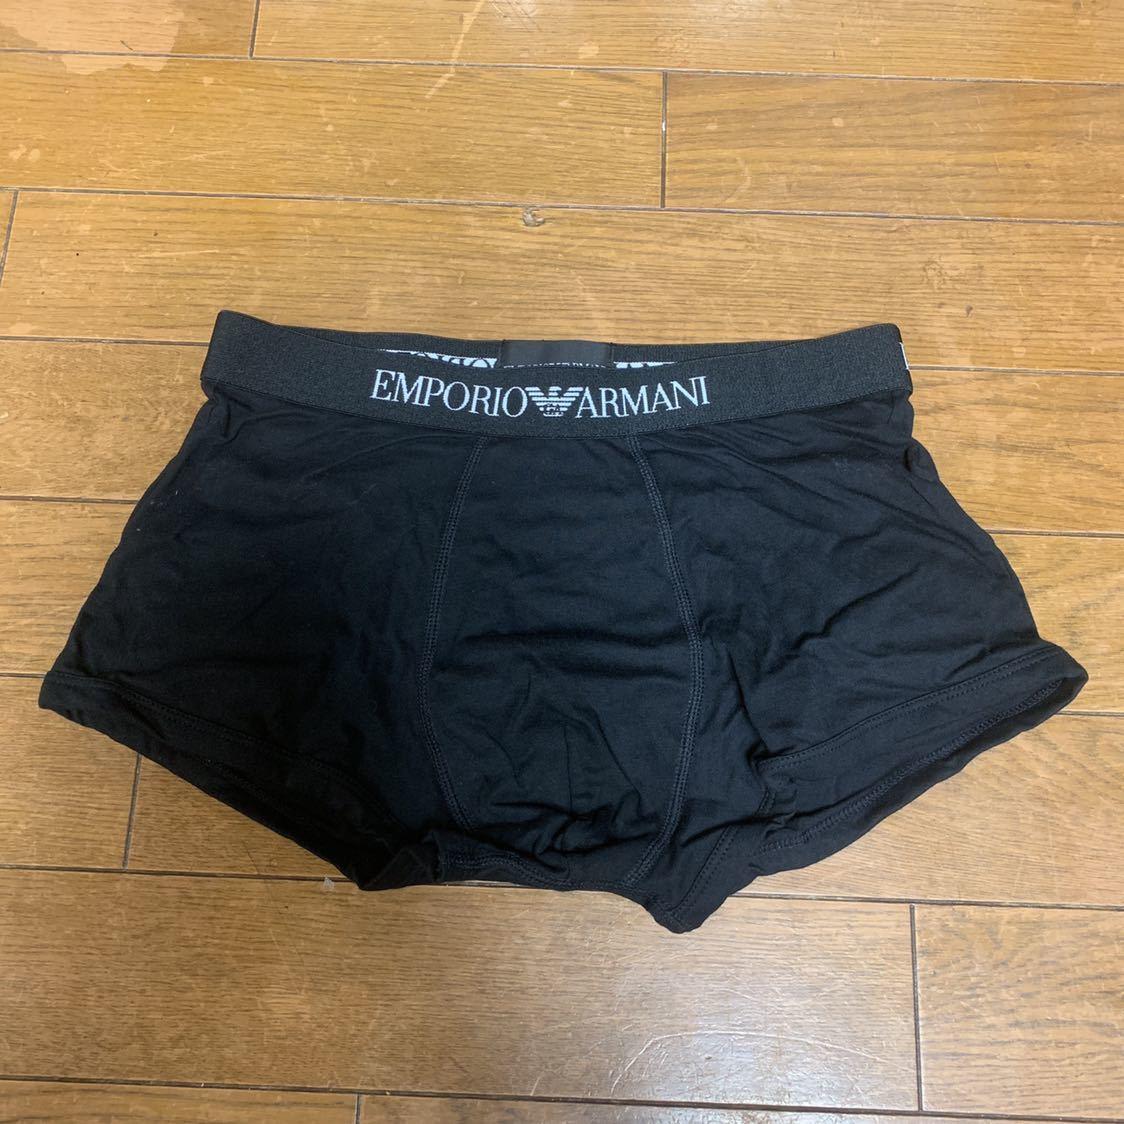 エンポリオアルマーニ メンズ ボクサーパンツ M 新品タグ付き_画像3